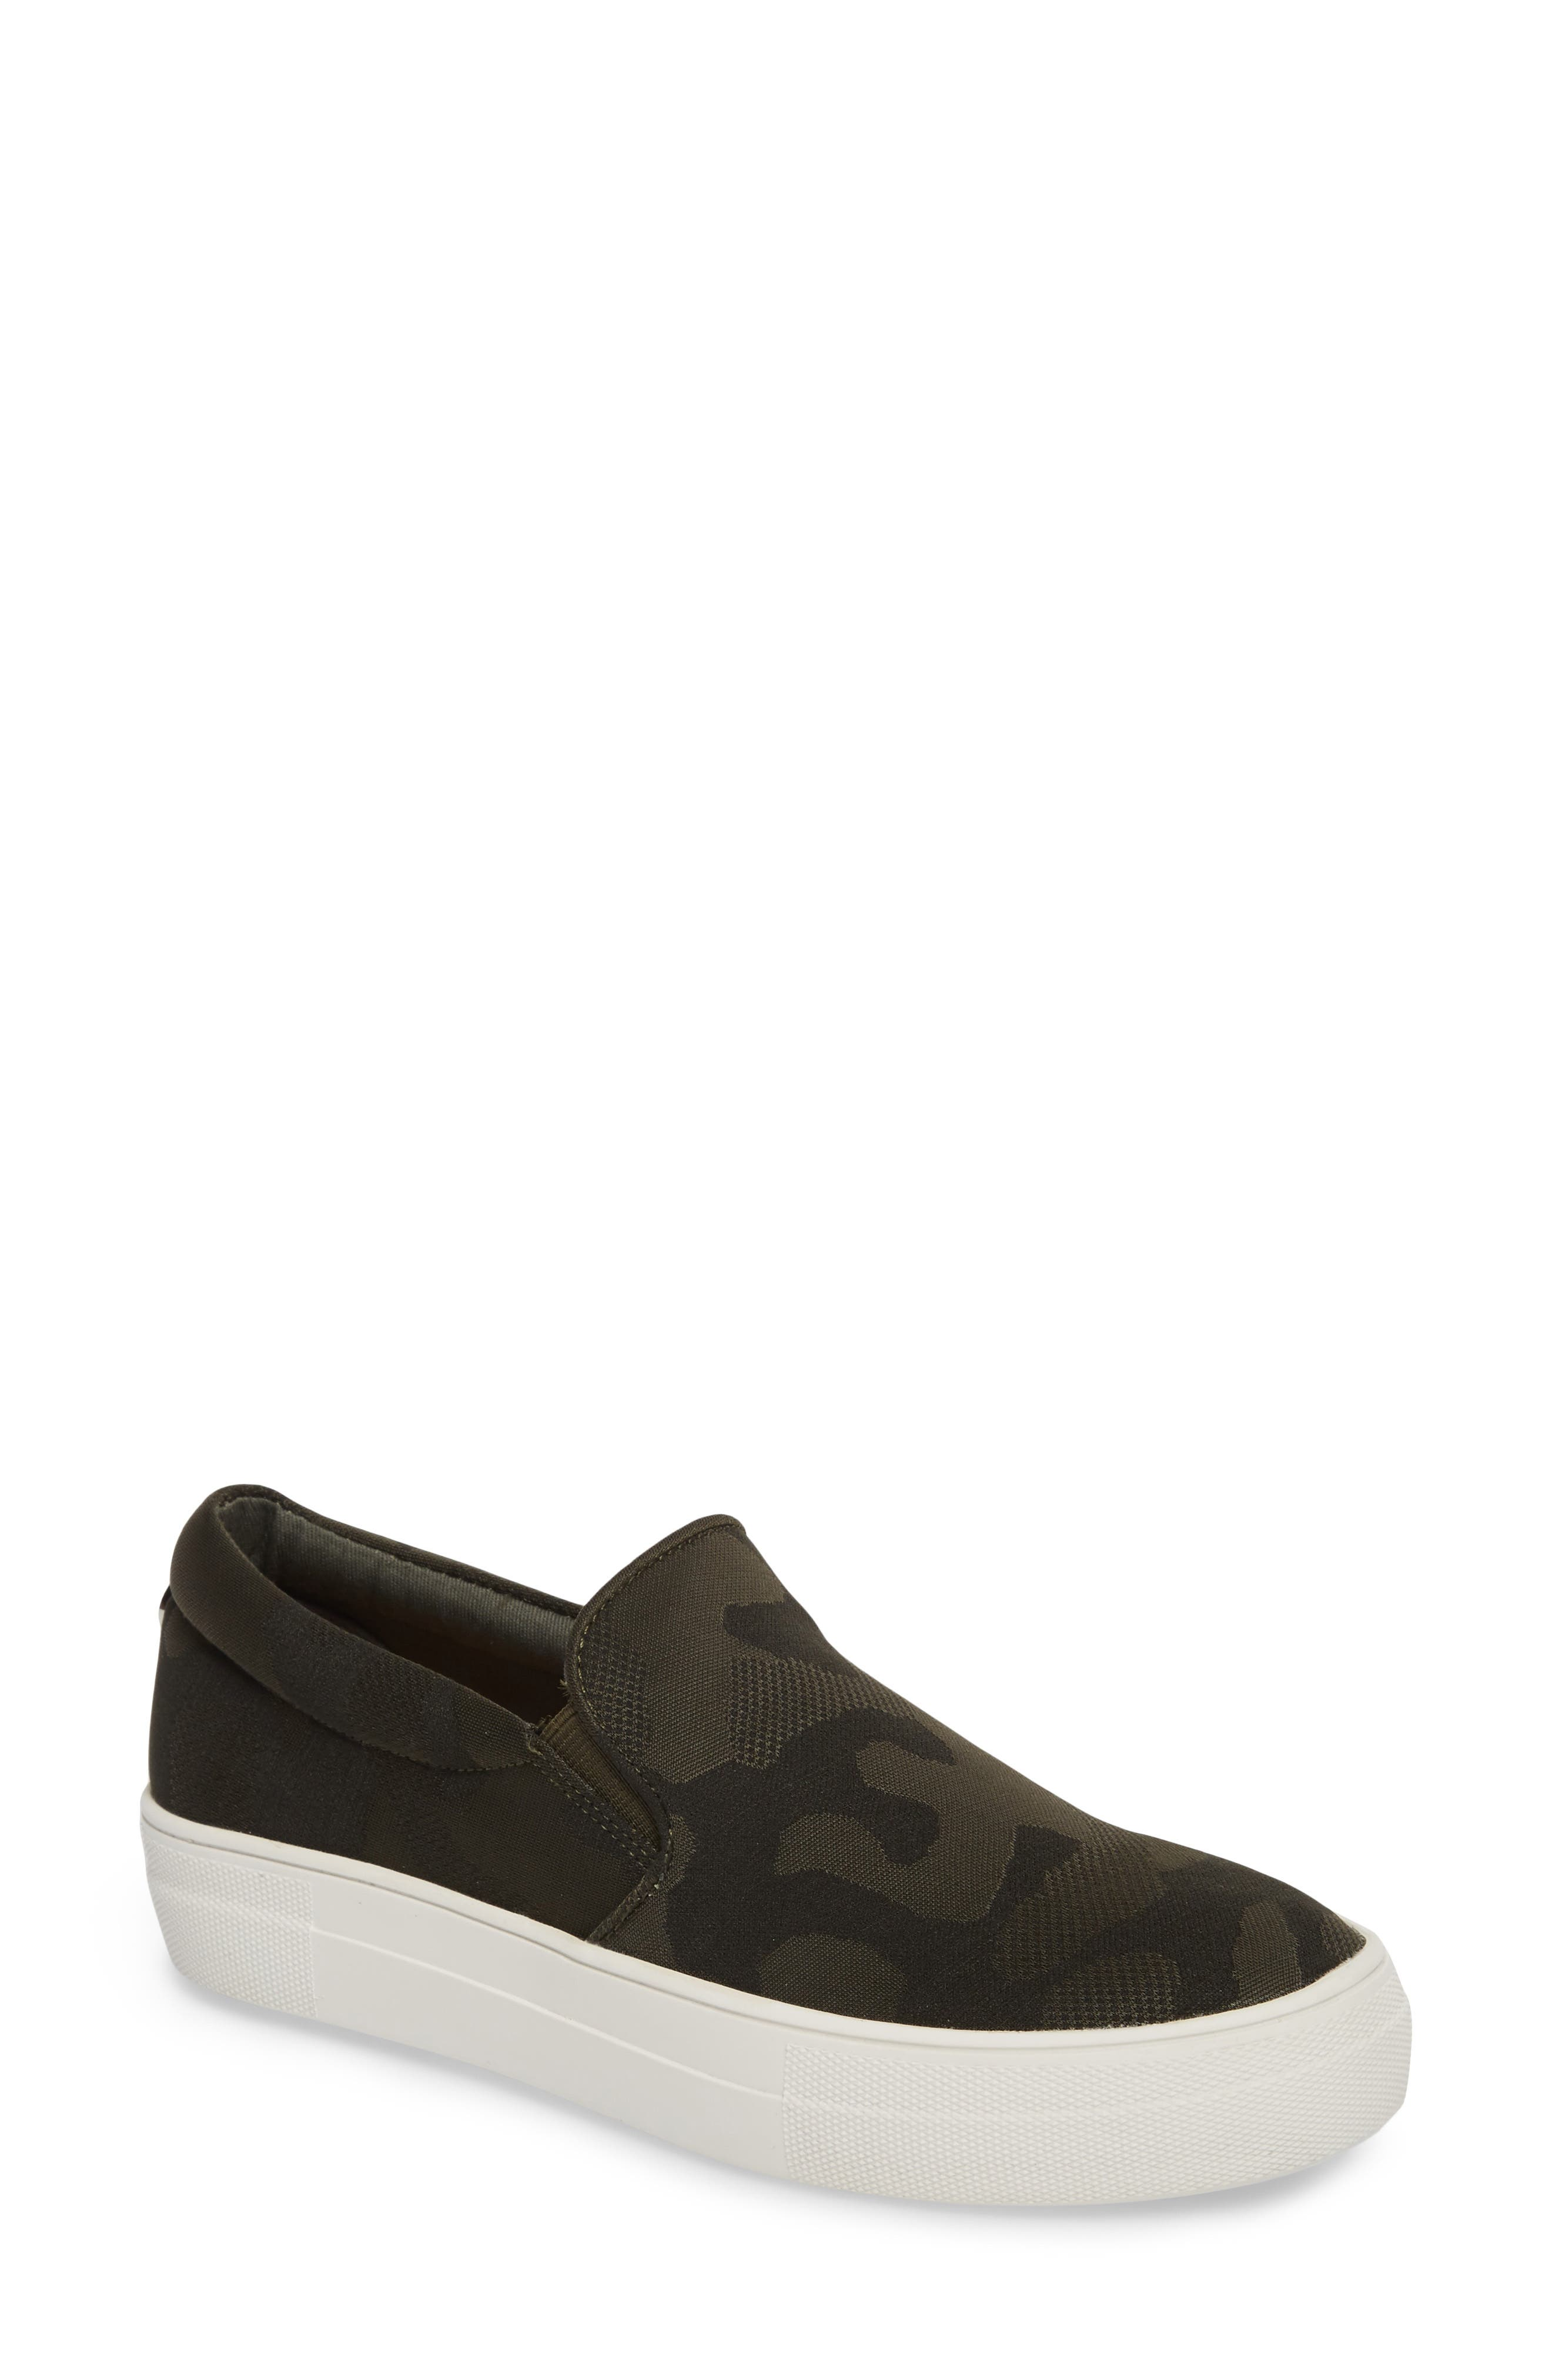 Alternate Image 1 Selected - Steve Madden Gills Platform Slip-On Sneaker (Women)